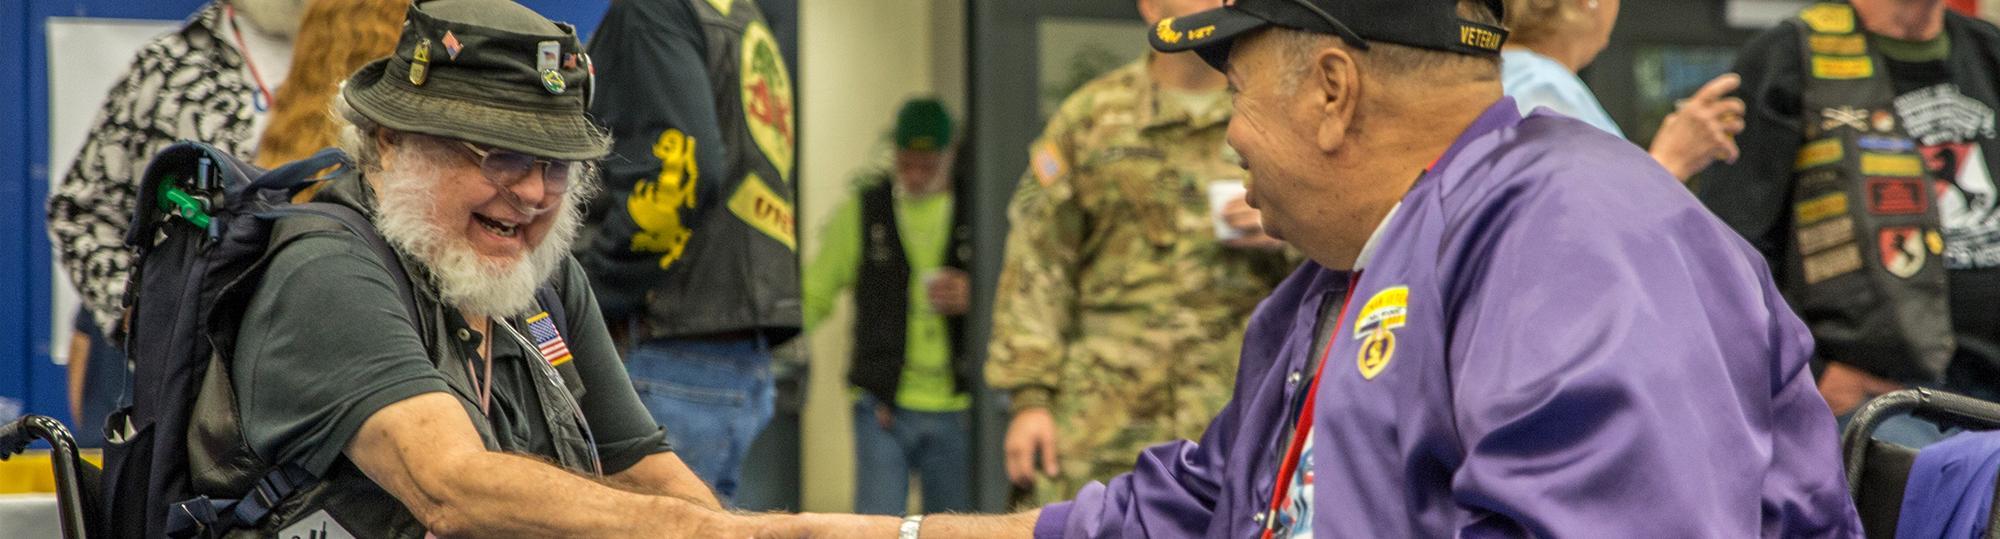 military and veteran life